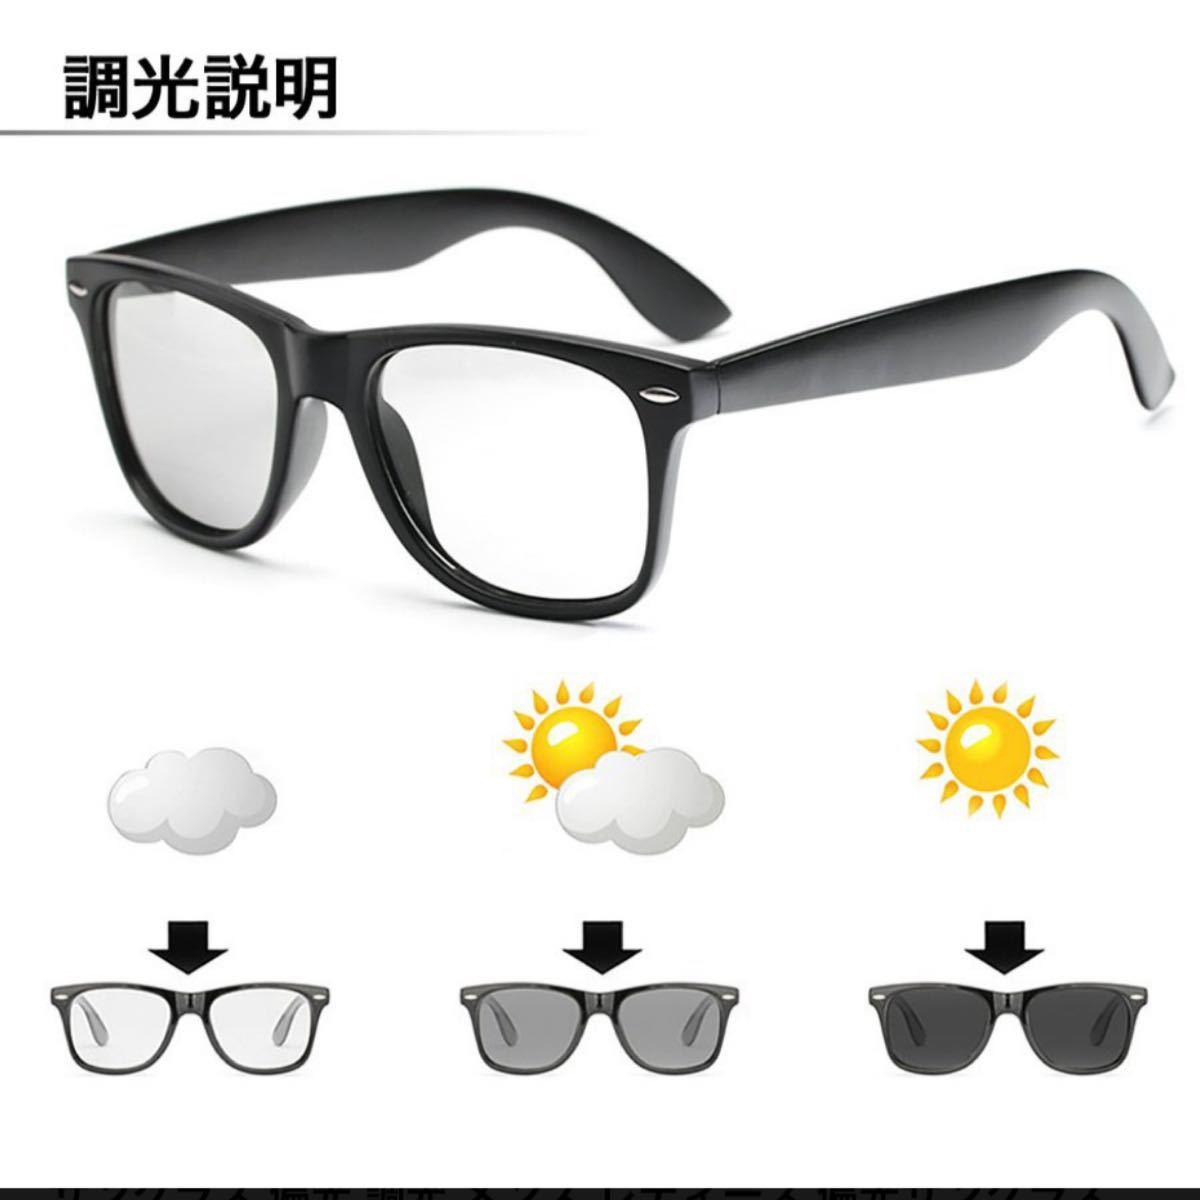 サングラス 偏光 調光 メンズ レディース 偏光サングラス 紫外線カット